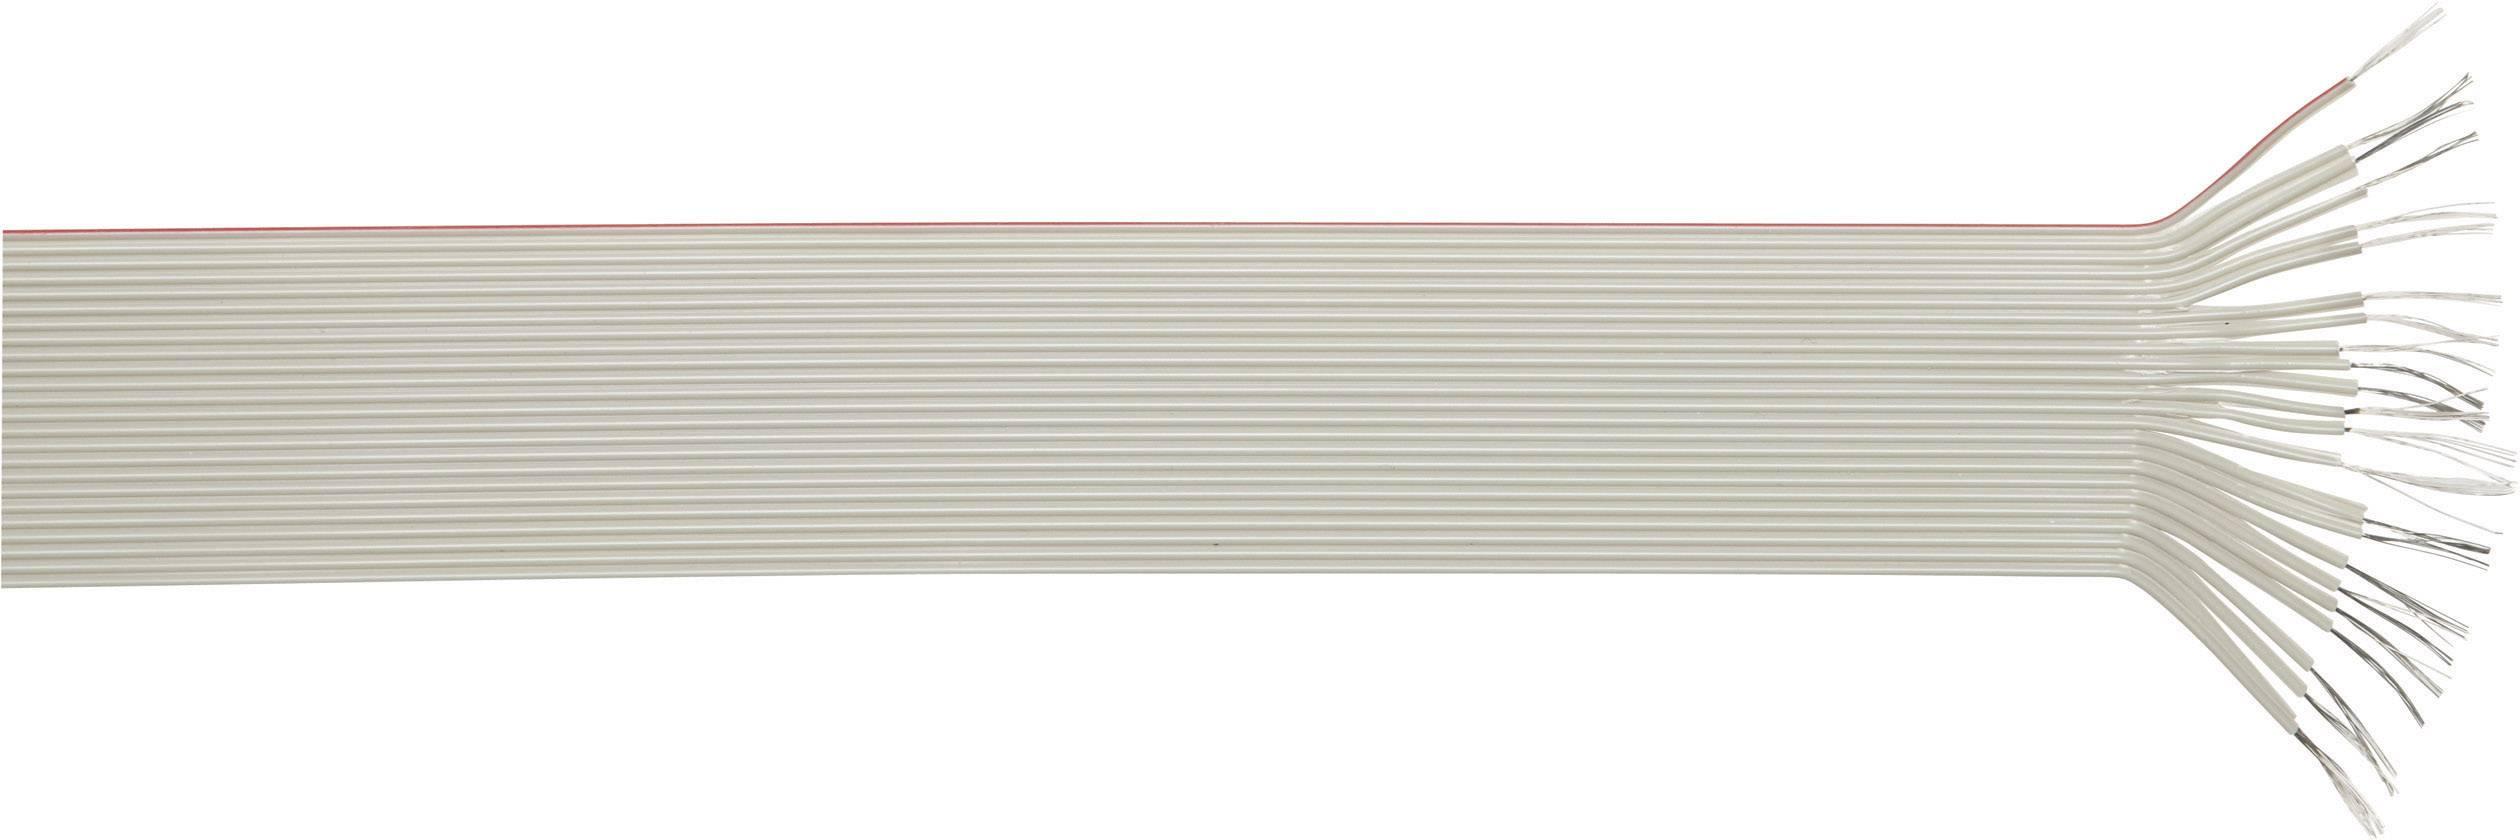 Plochý kábel LappKabel 49900049, rozteč 1.27 mm, 26 x 0.09 mm², sivá, metrový tovar